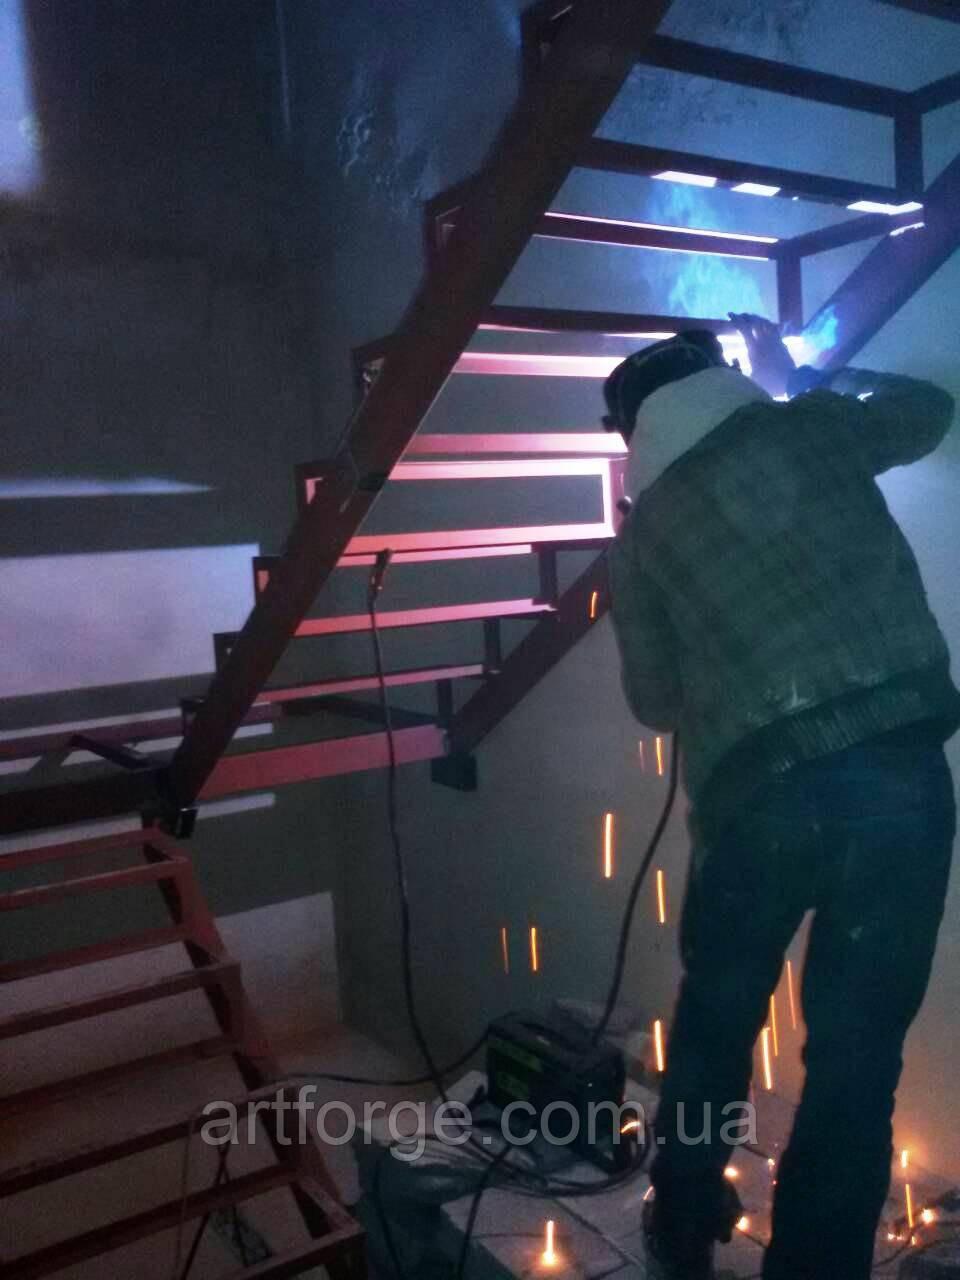 Каркас лестницы с поворотом 180 гр. П-образный каркас под обшивку